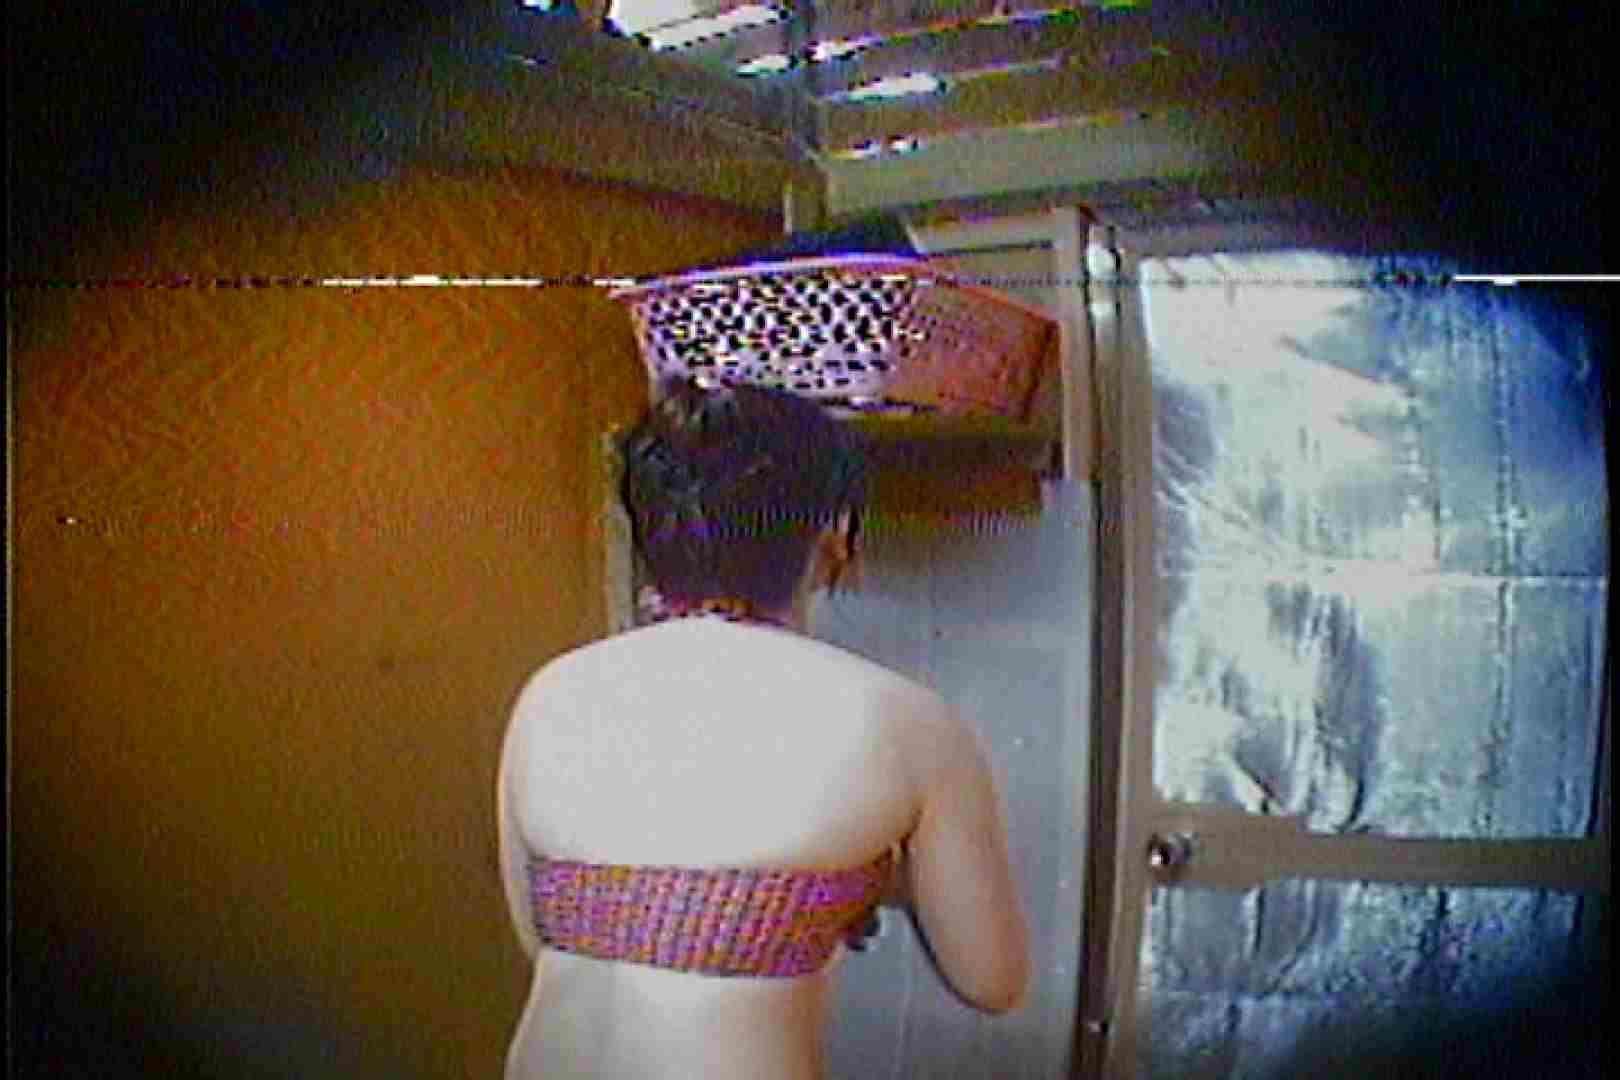 海の家の更衣室 Vol.37 シャワー 覗きおまんこ画像 75連発 11